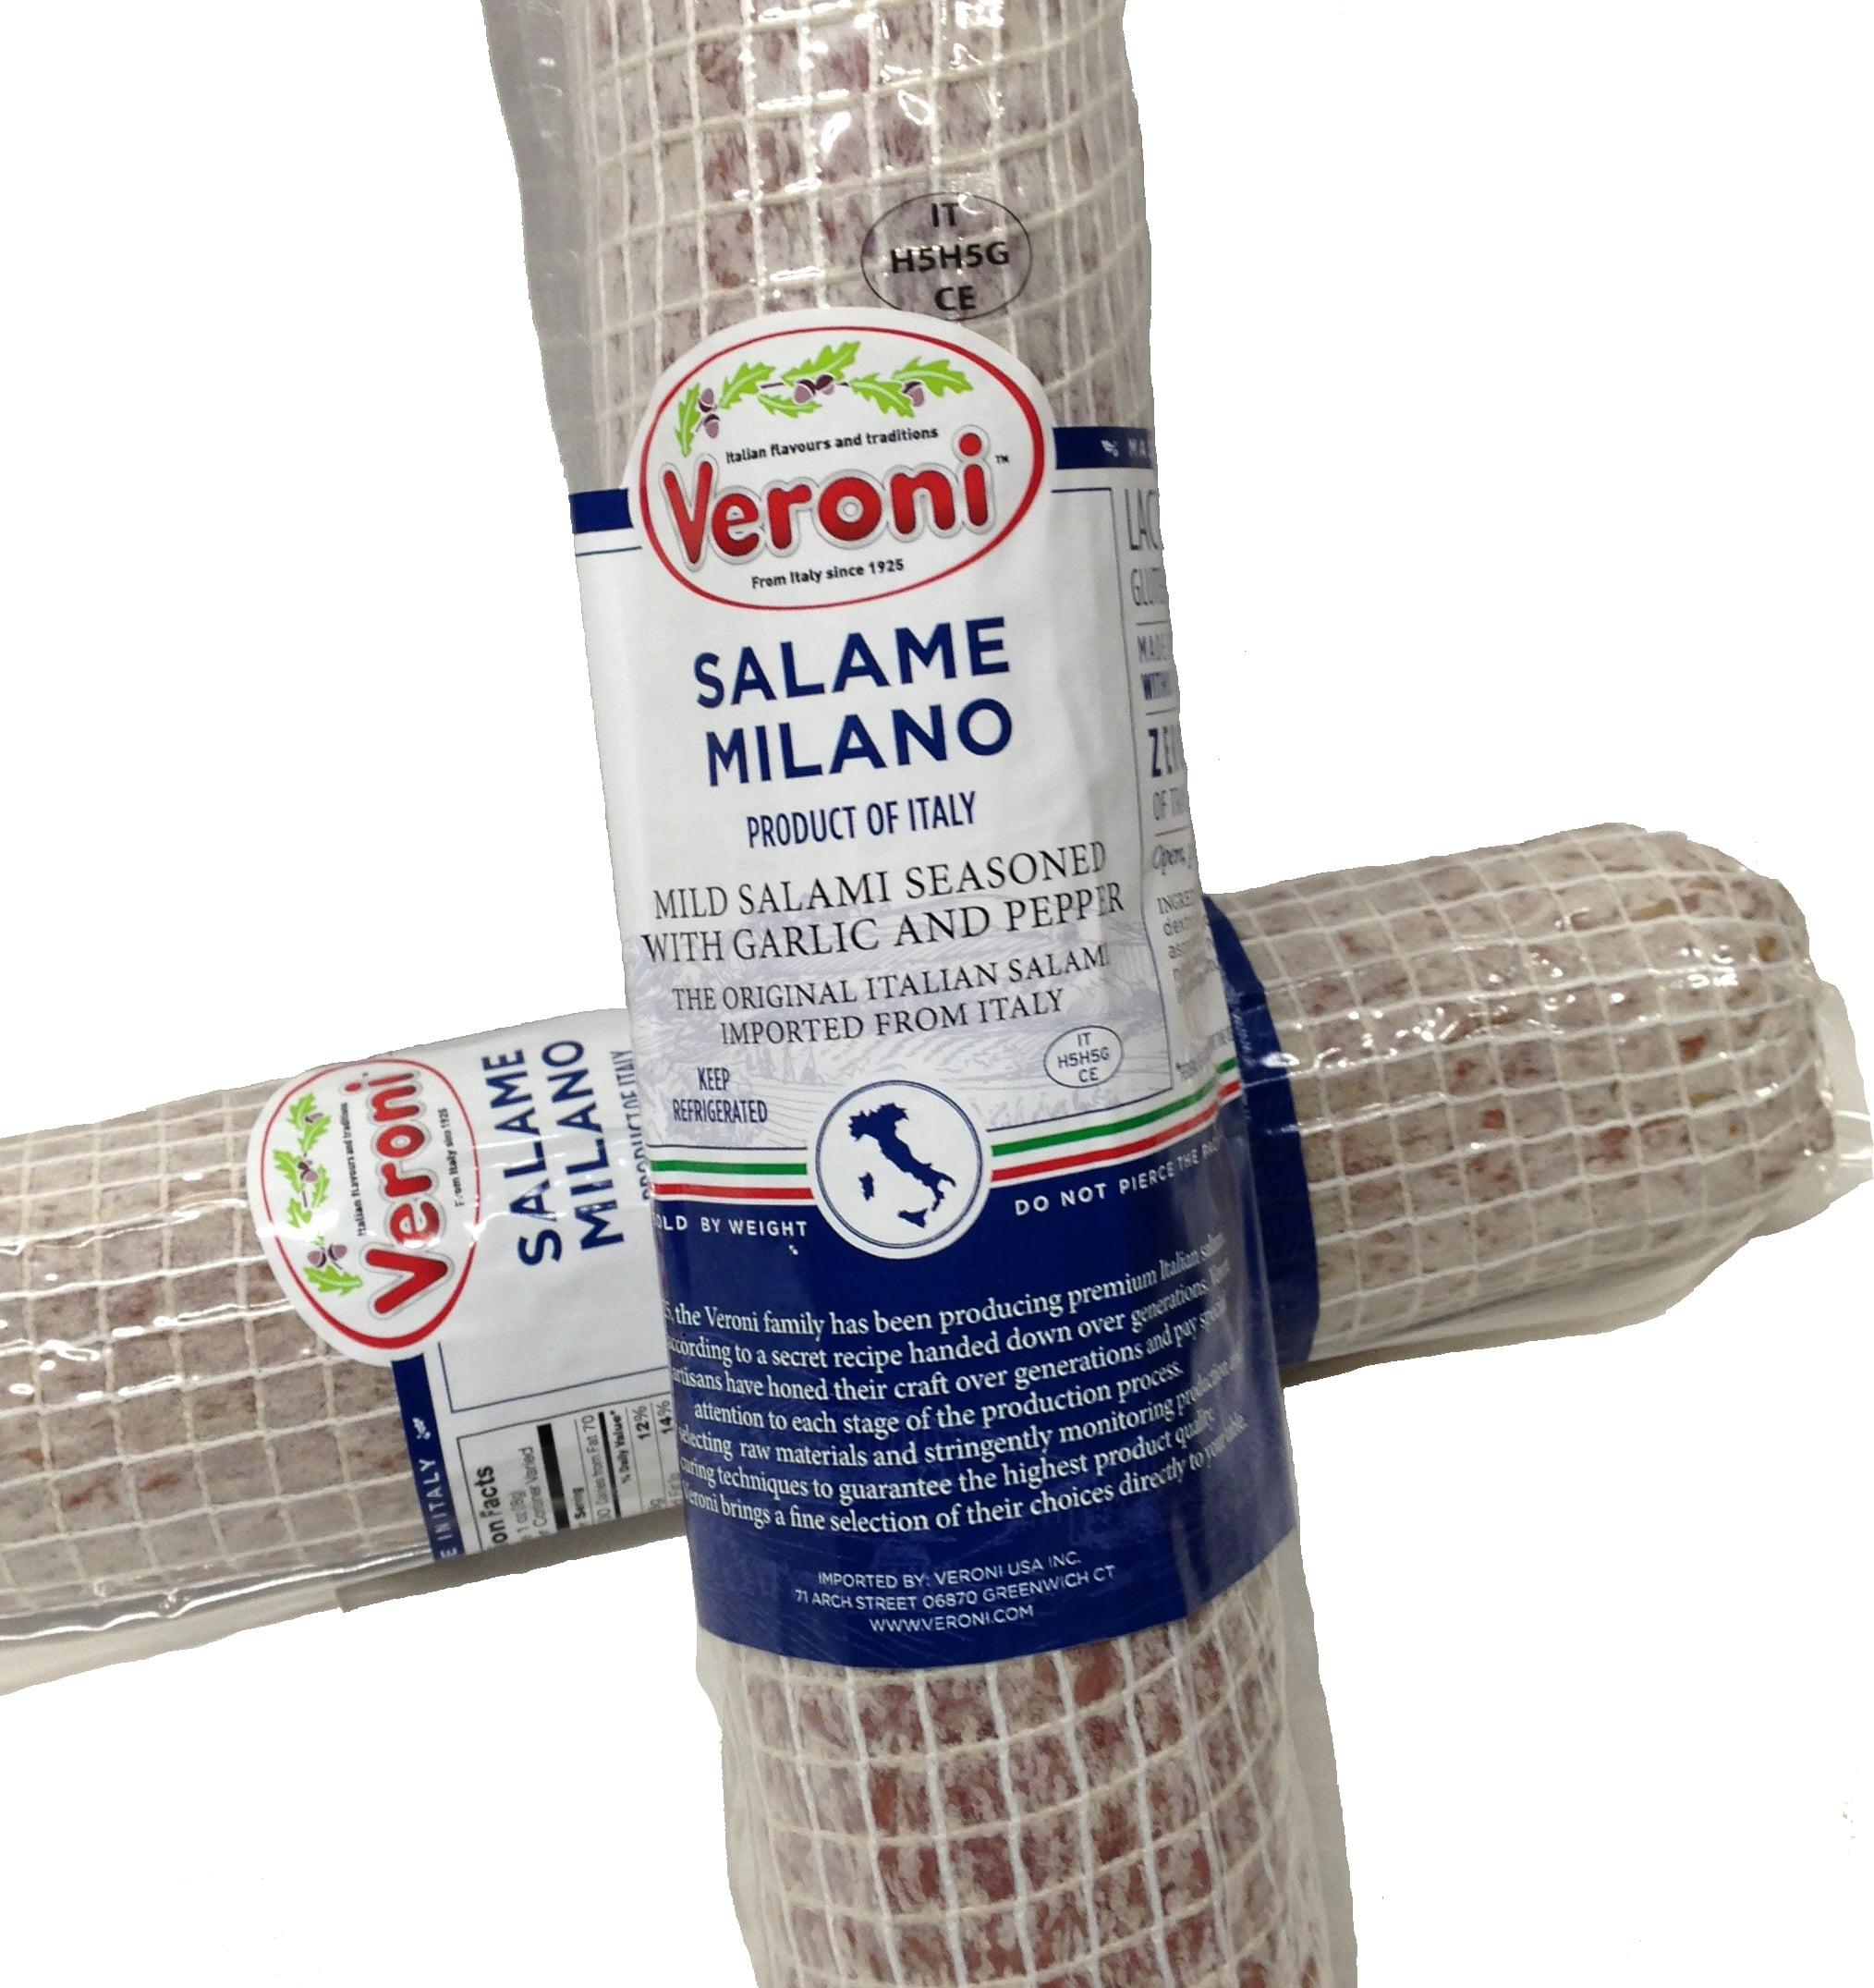 Veroni Salami Milano 1 Lb Slice by Verolio